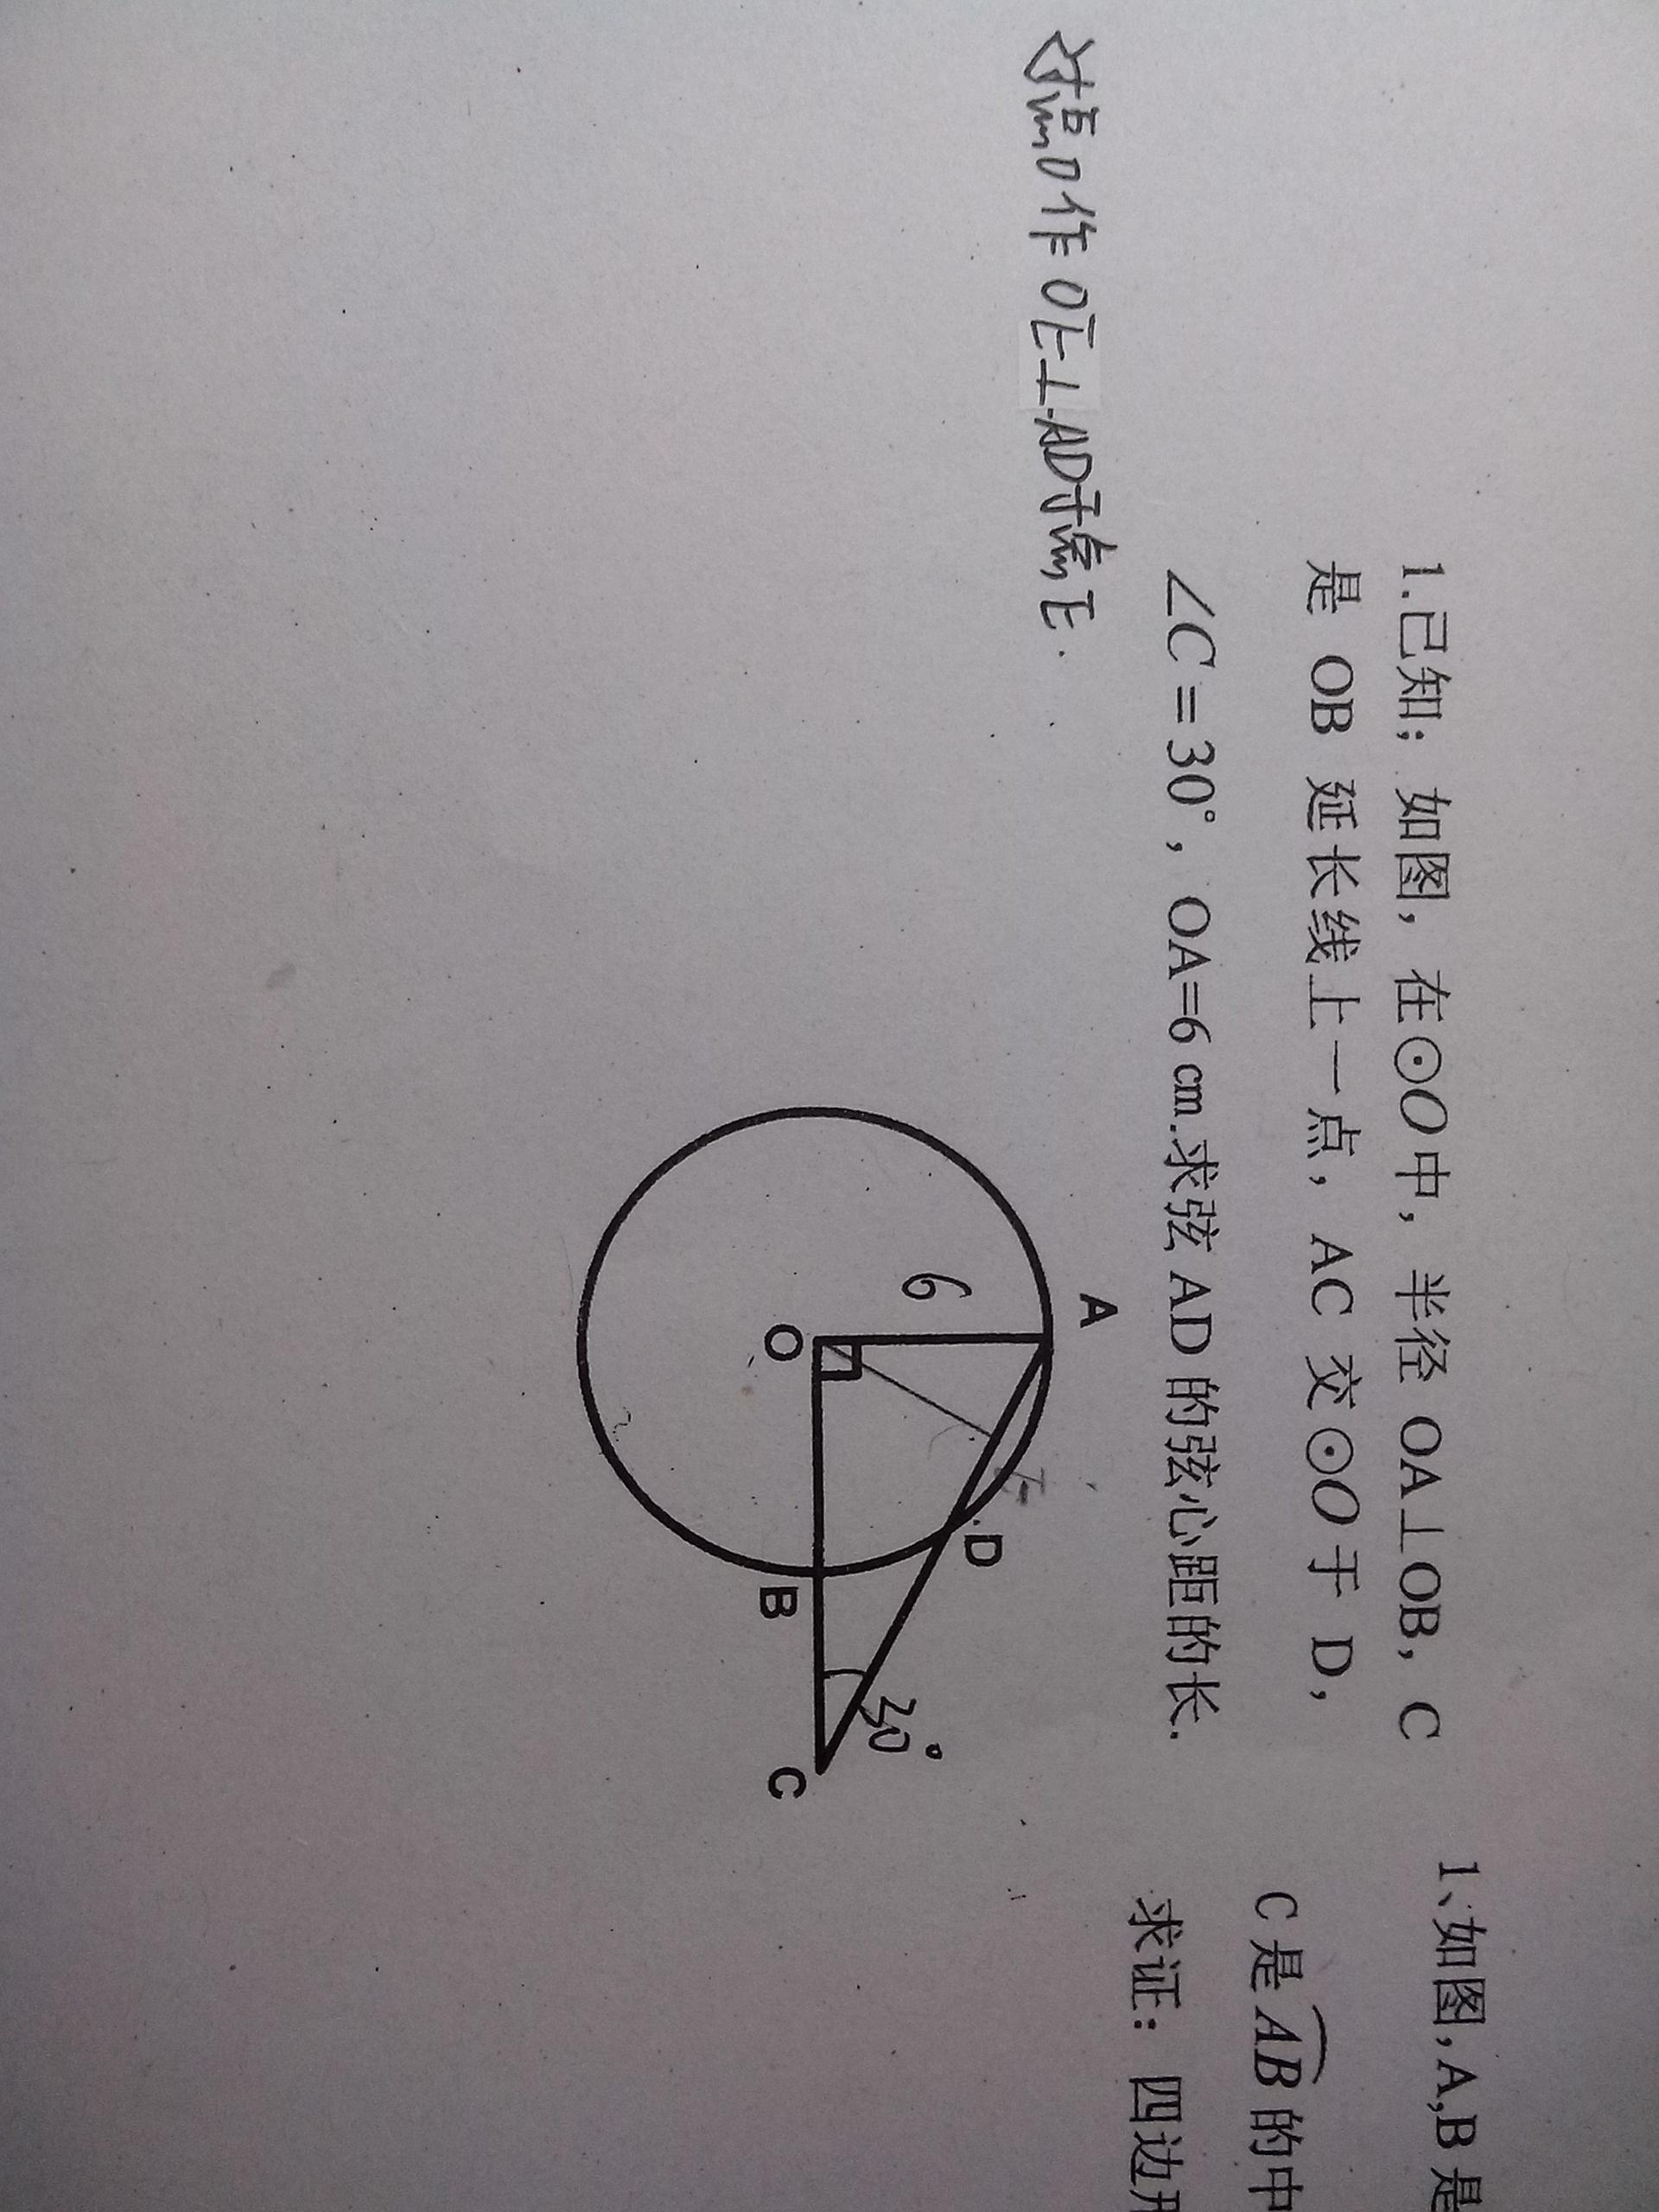 数学 圆  修改问题标题还能输入 40字 zyy197346825等1人,赞同这是一